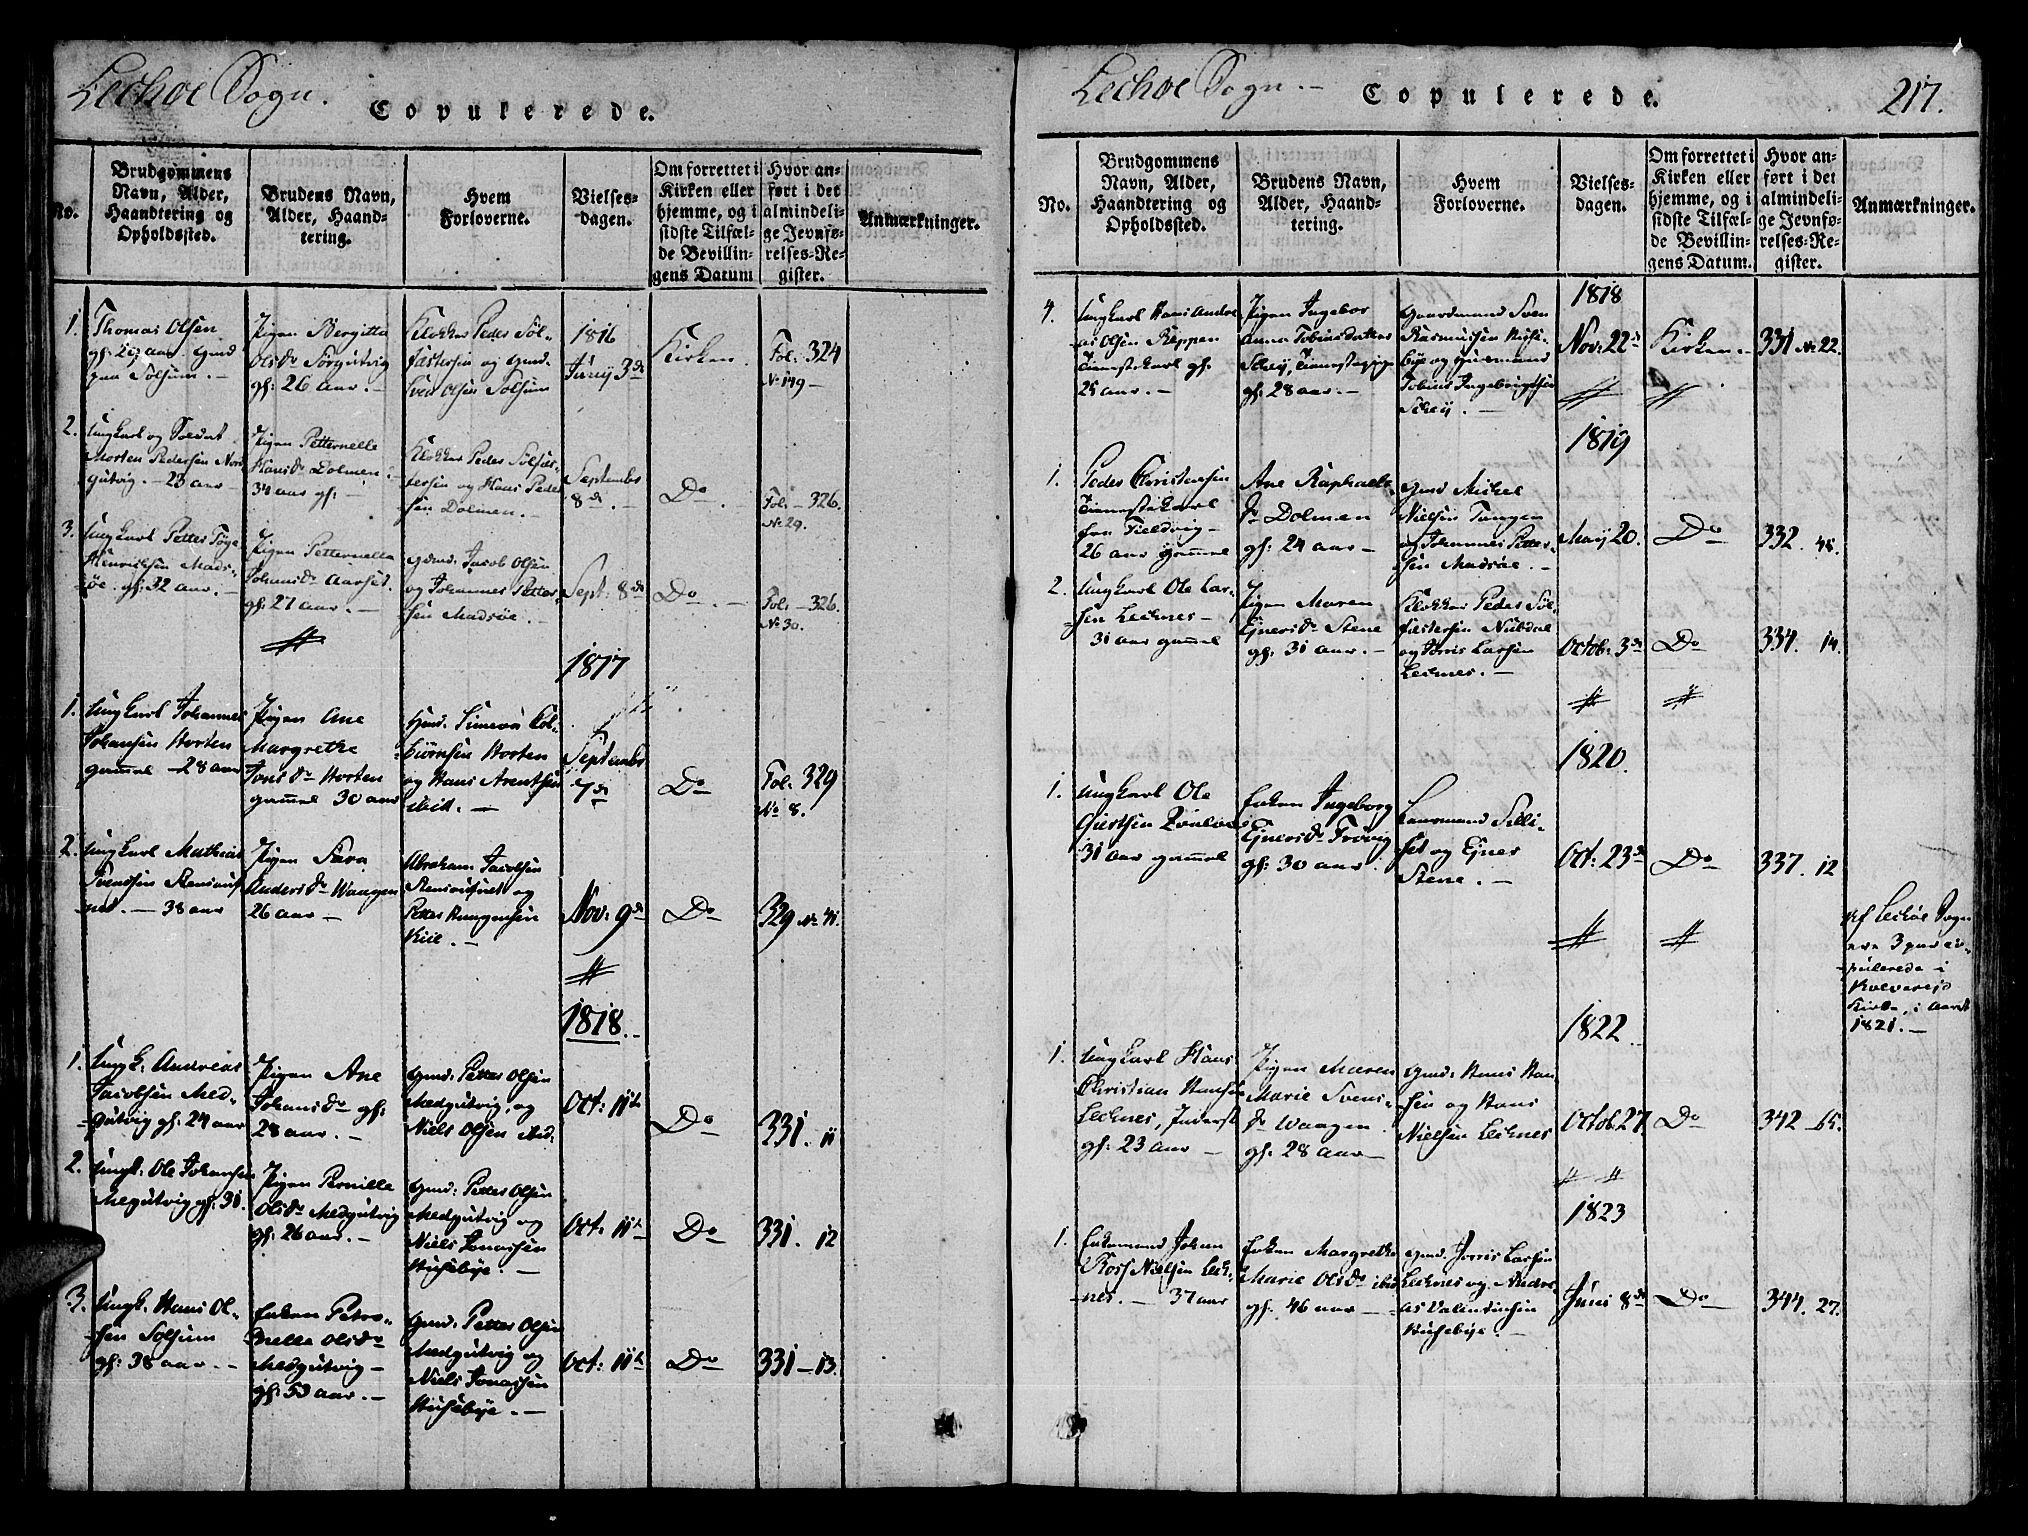 SAT, Ministerialprotokoller, klokkerbøker og fødselsregistre - Nord-Trøndelag, 780/L0636: Ministerialbok nr. 780A03 /2, 1815-1829, s. 217